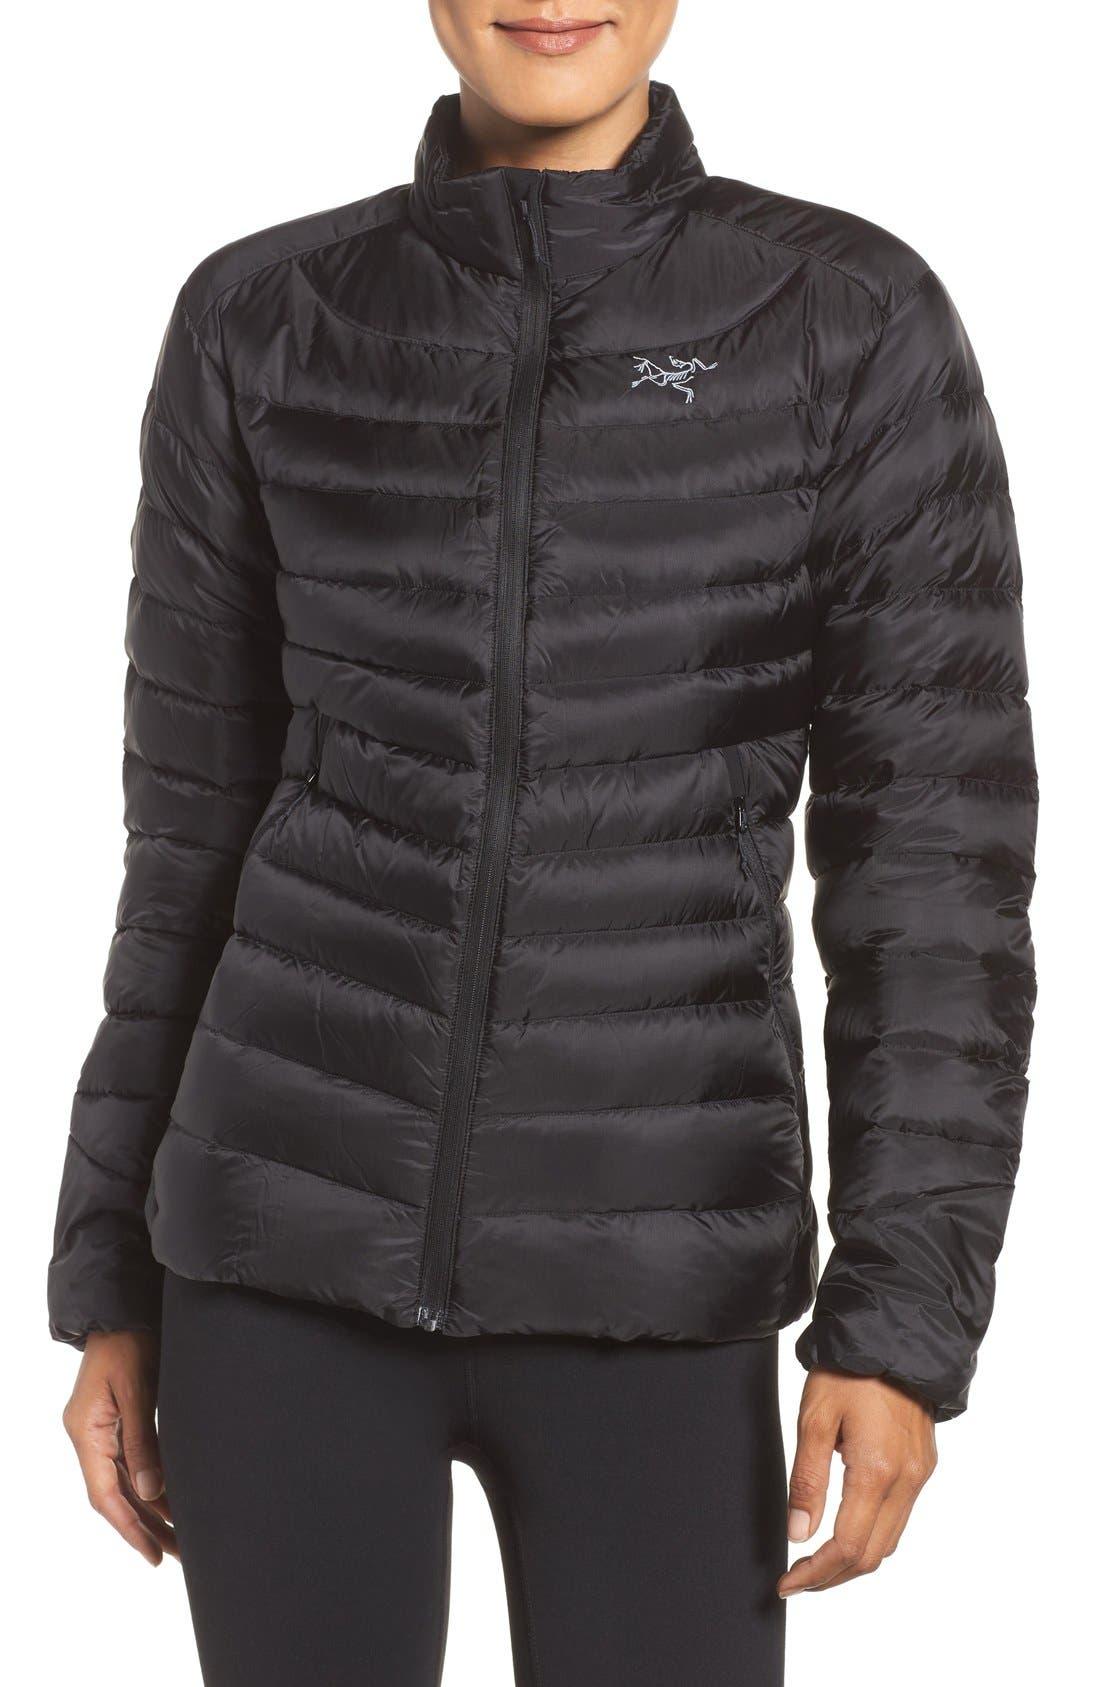 Cerium Water Resistant Down Jacket,                         Main,                         color, Black